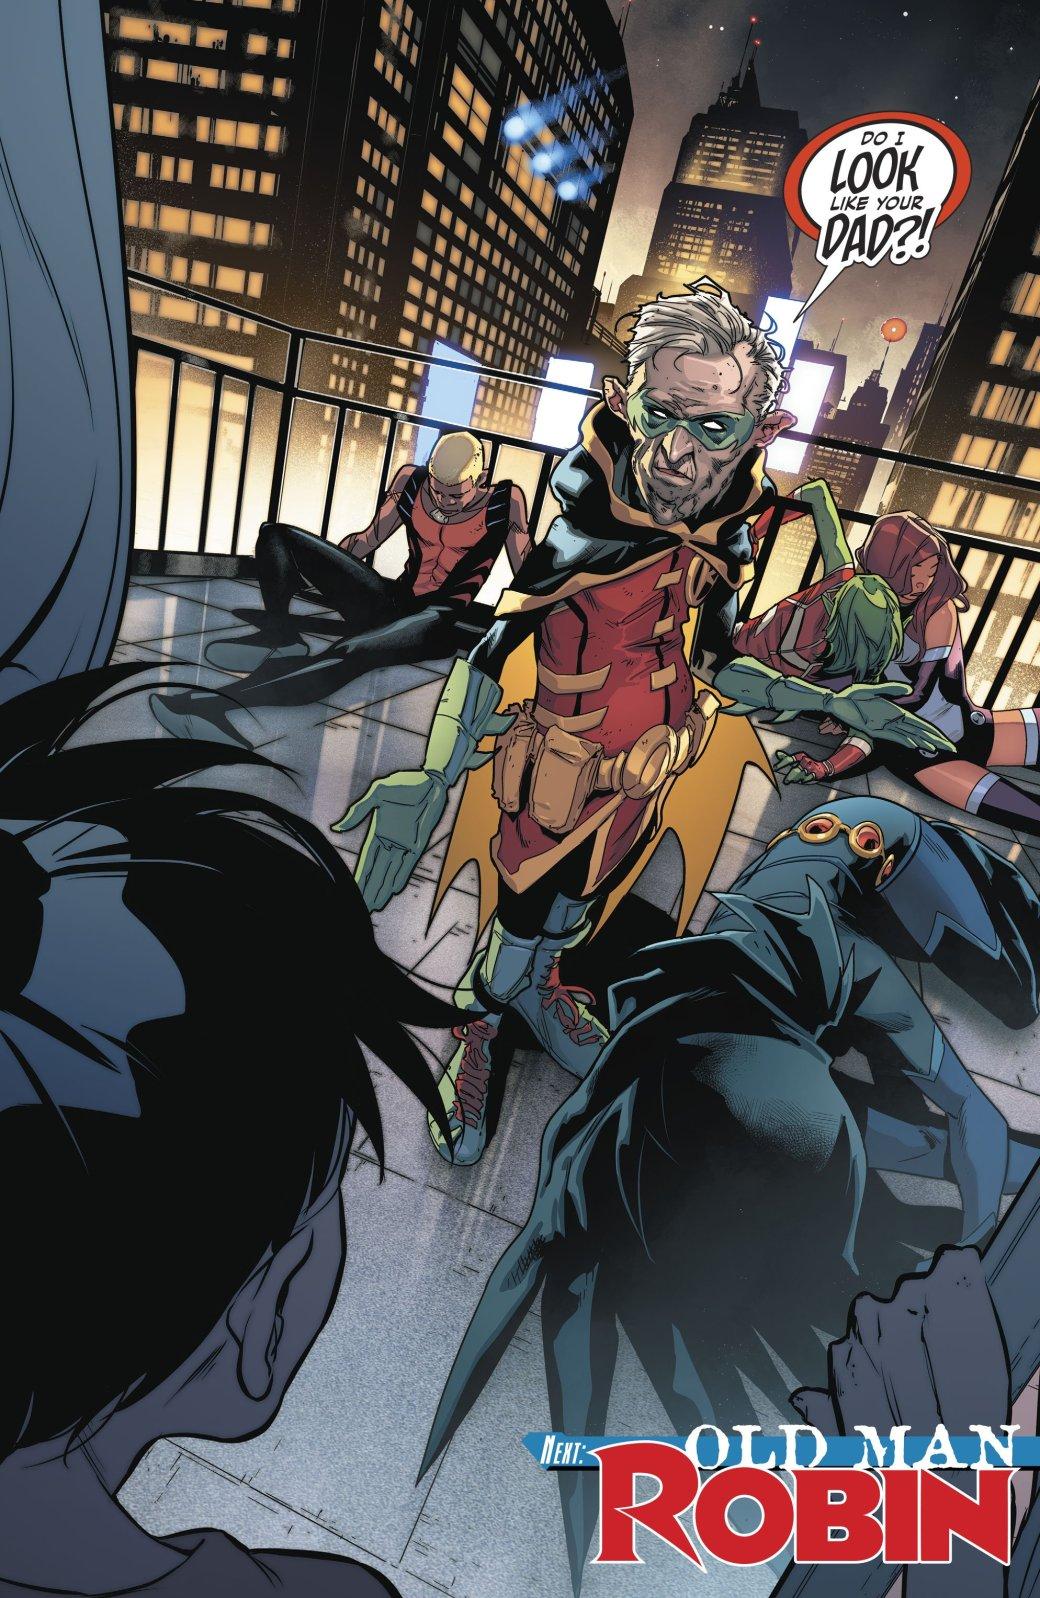 Вкомиксах DCпоявился Старик Робин (ноэто временно) | Канобу - Изображение 0